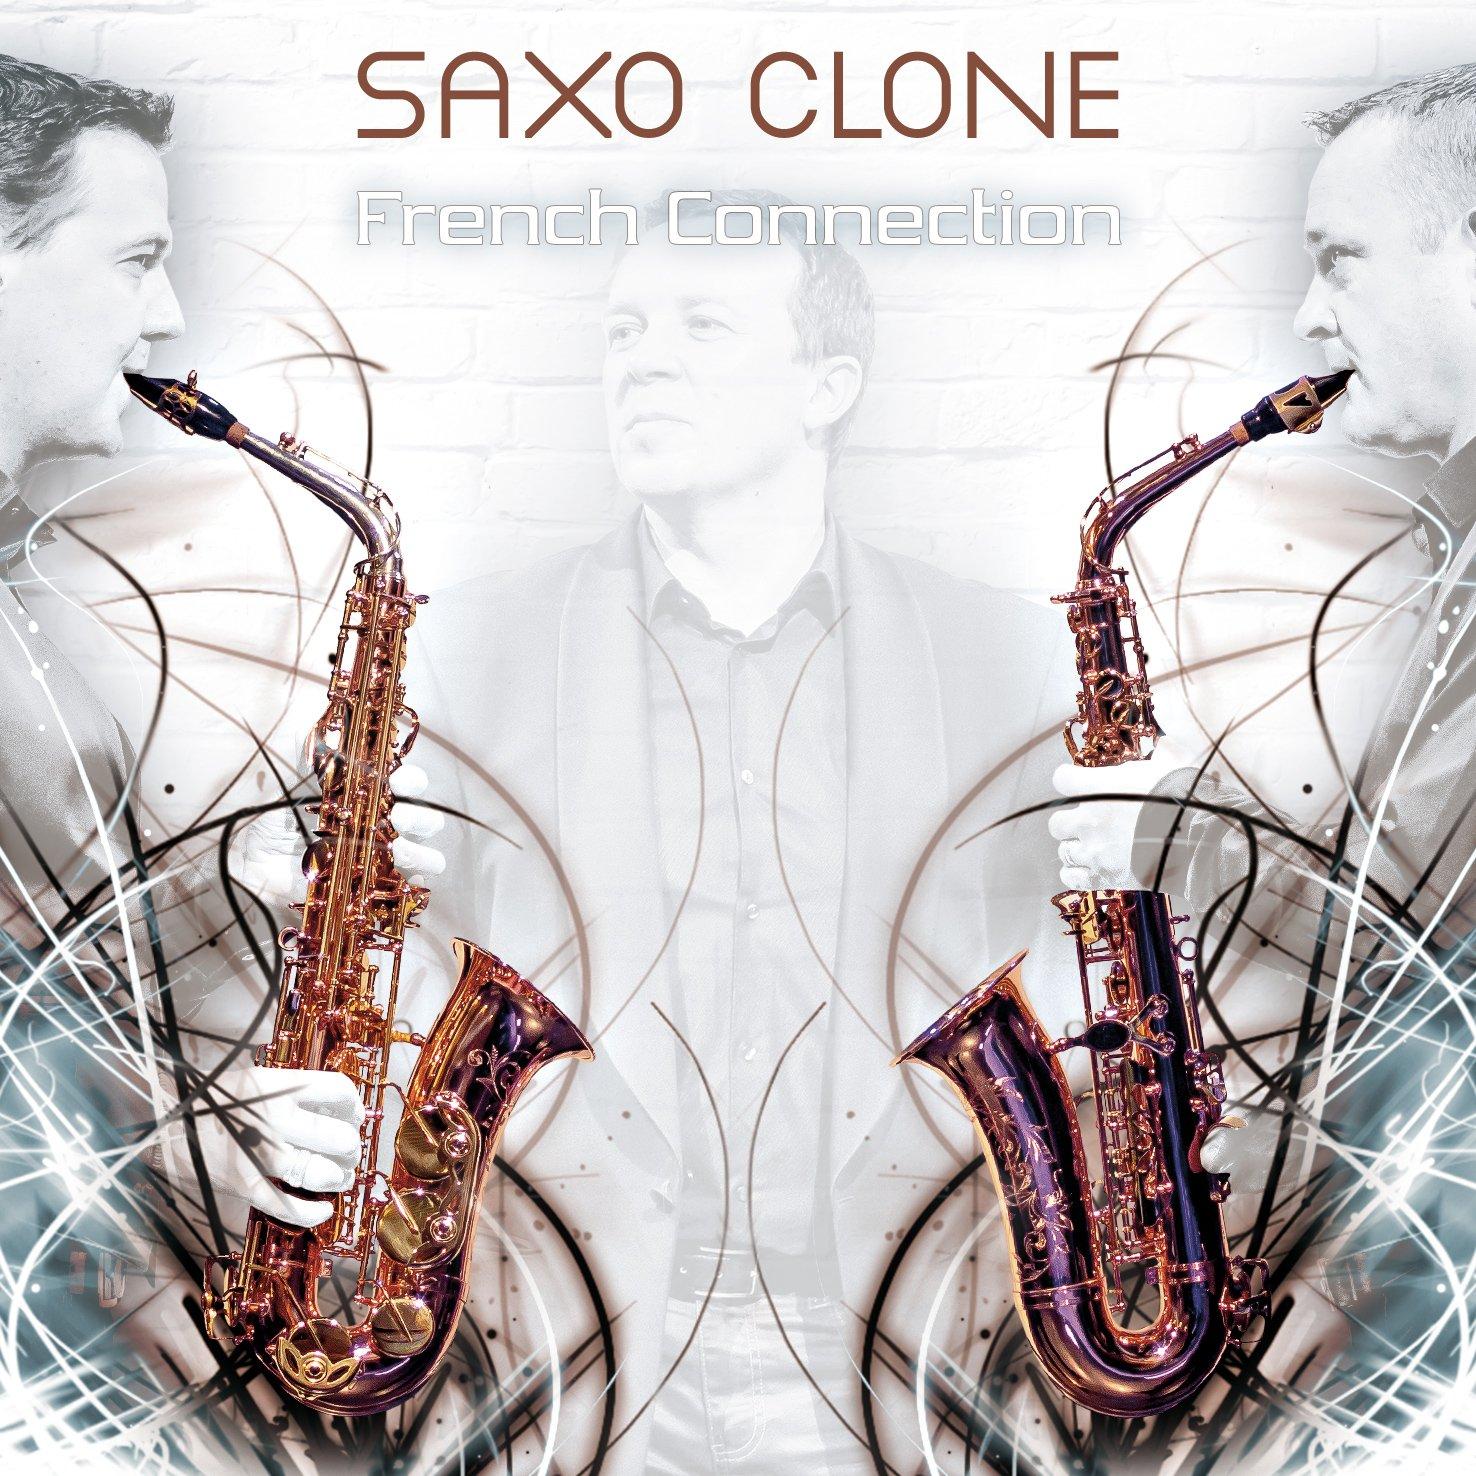 Saxo Clone